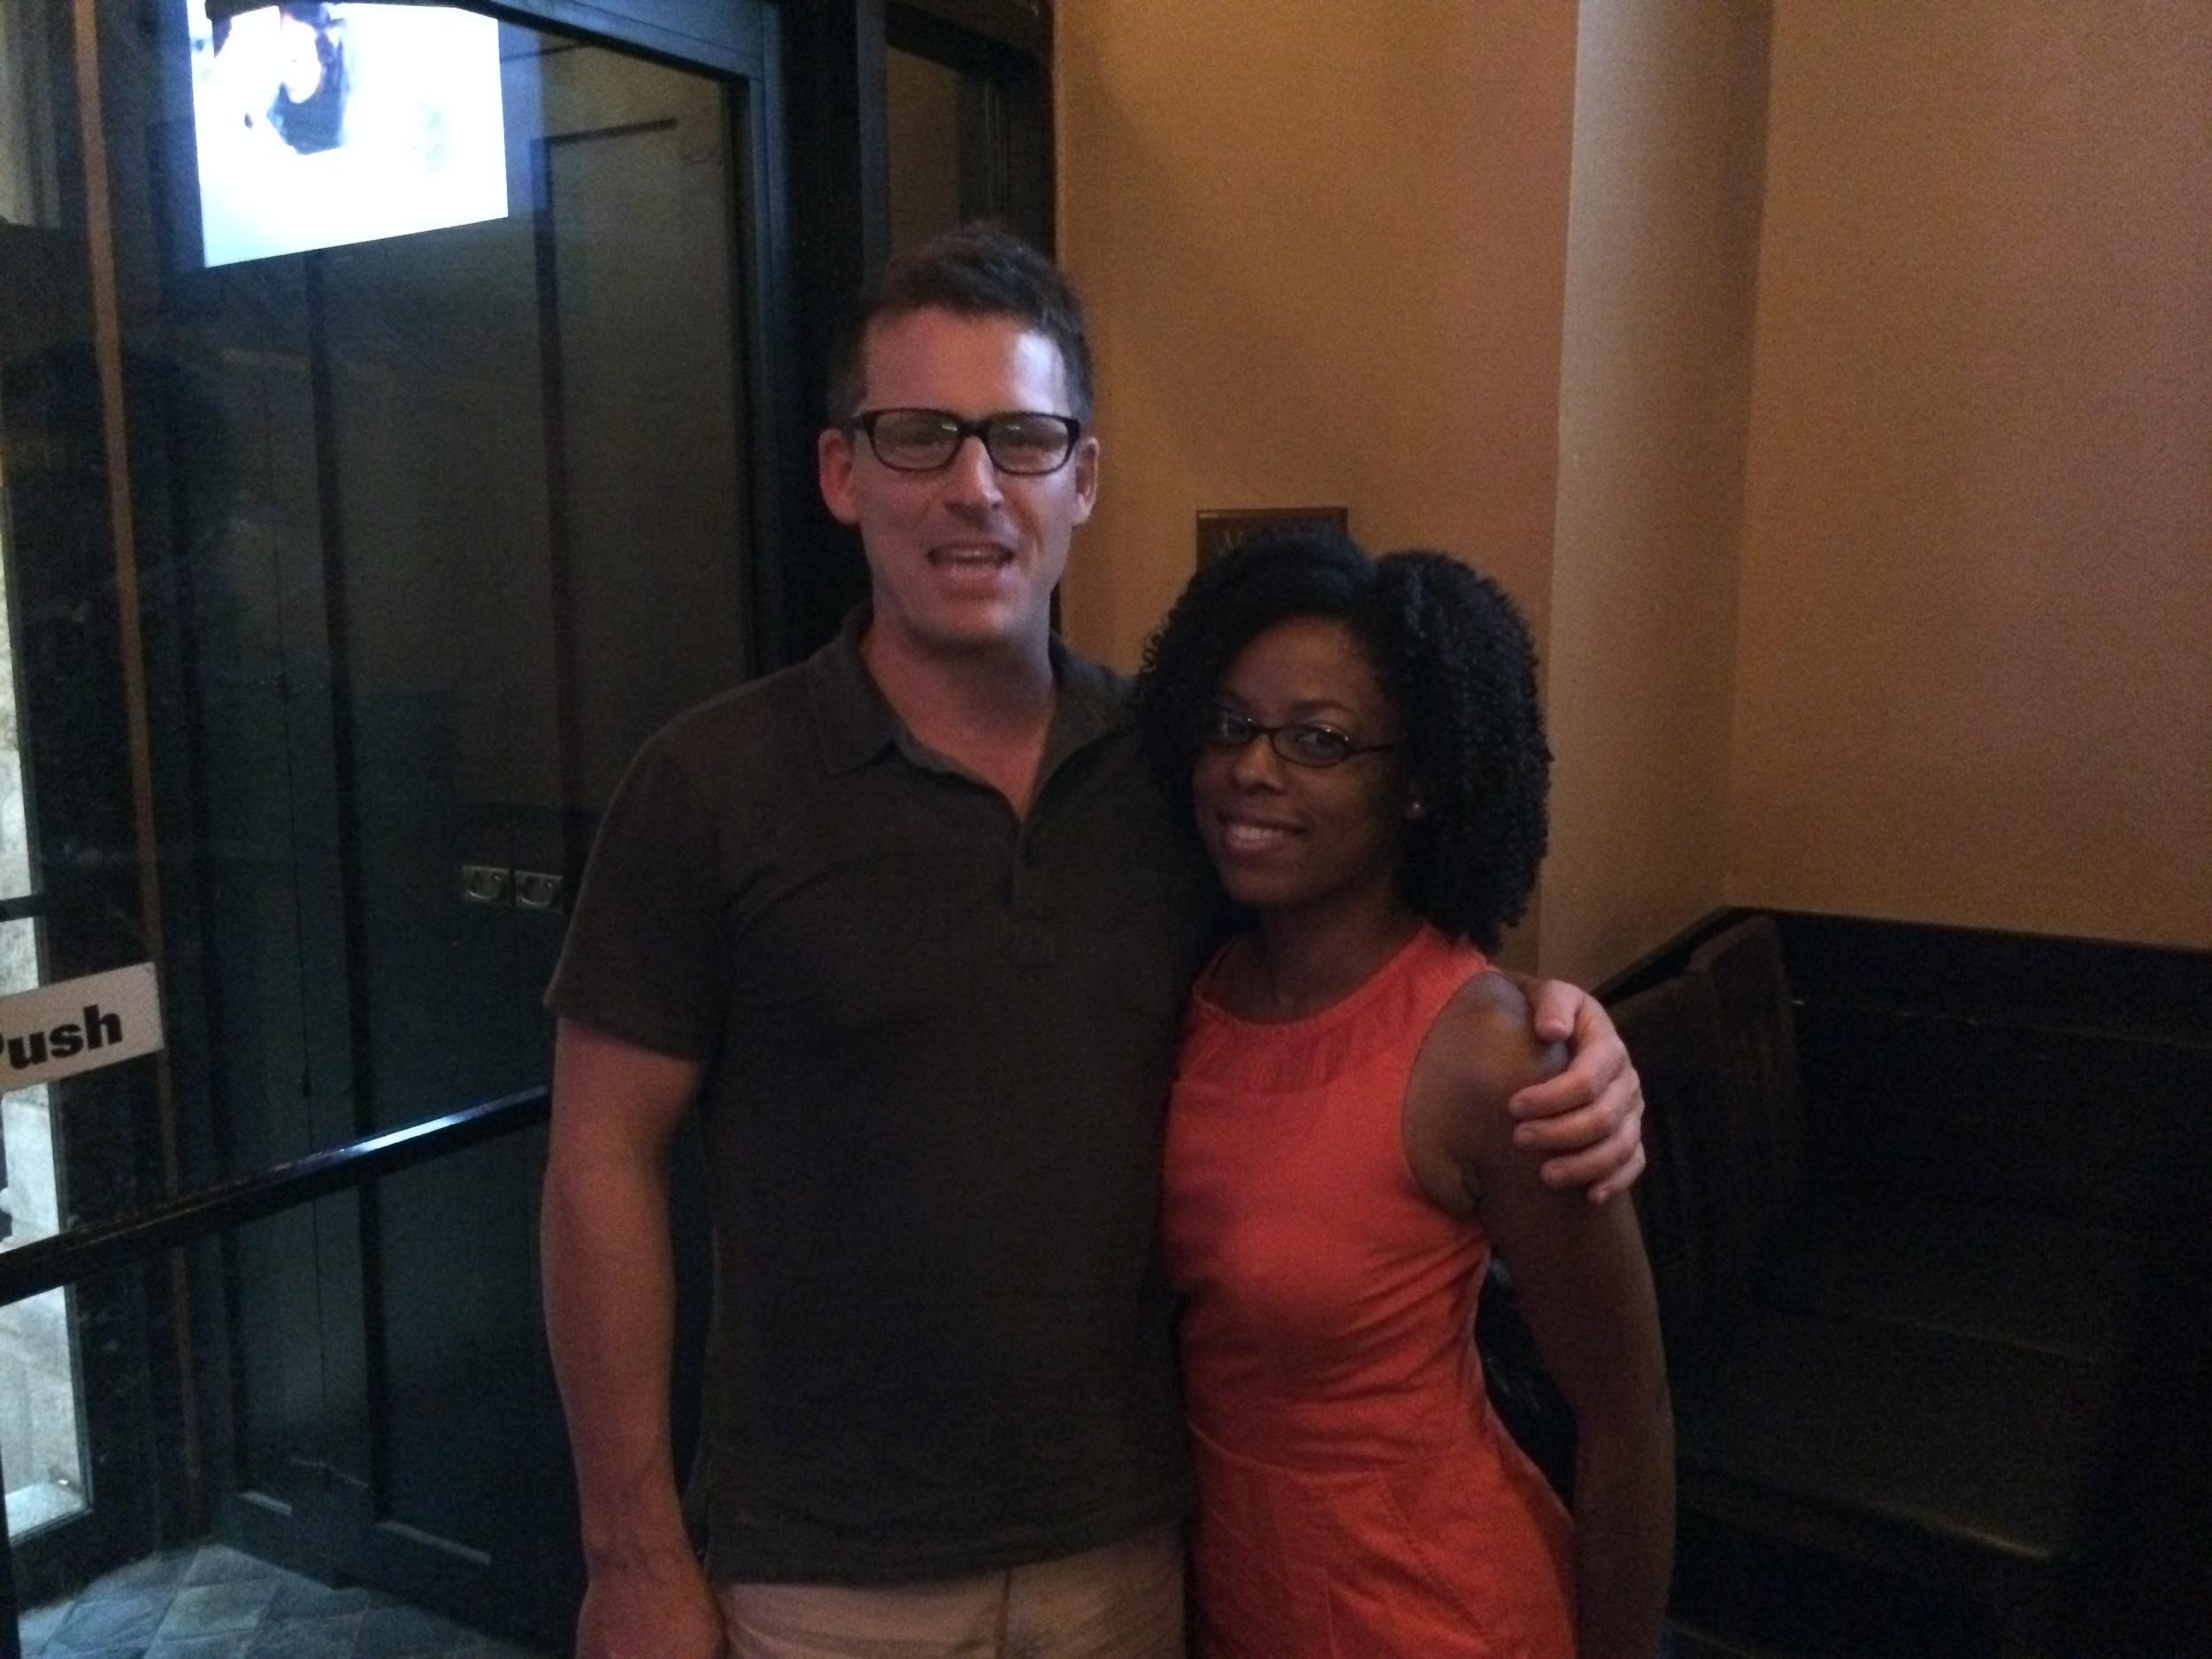 Delisha Grant and Guest